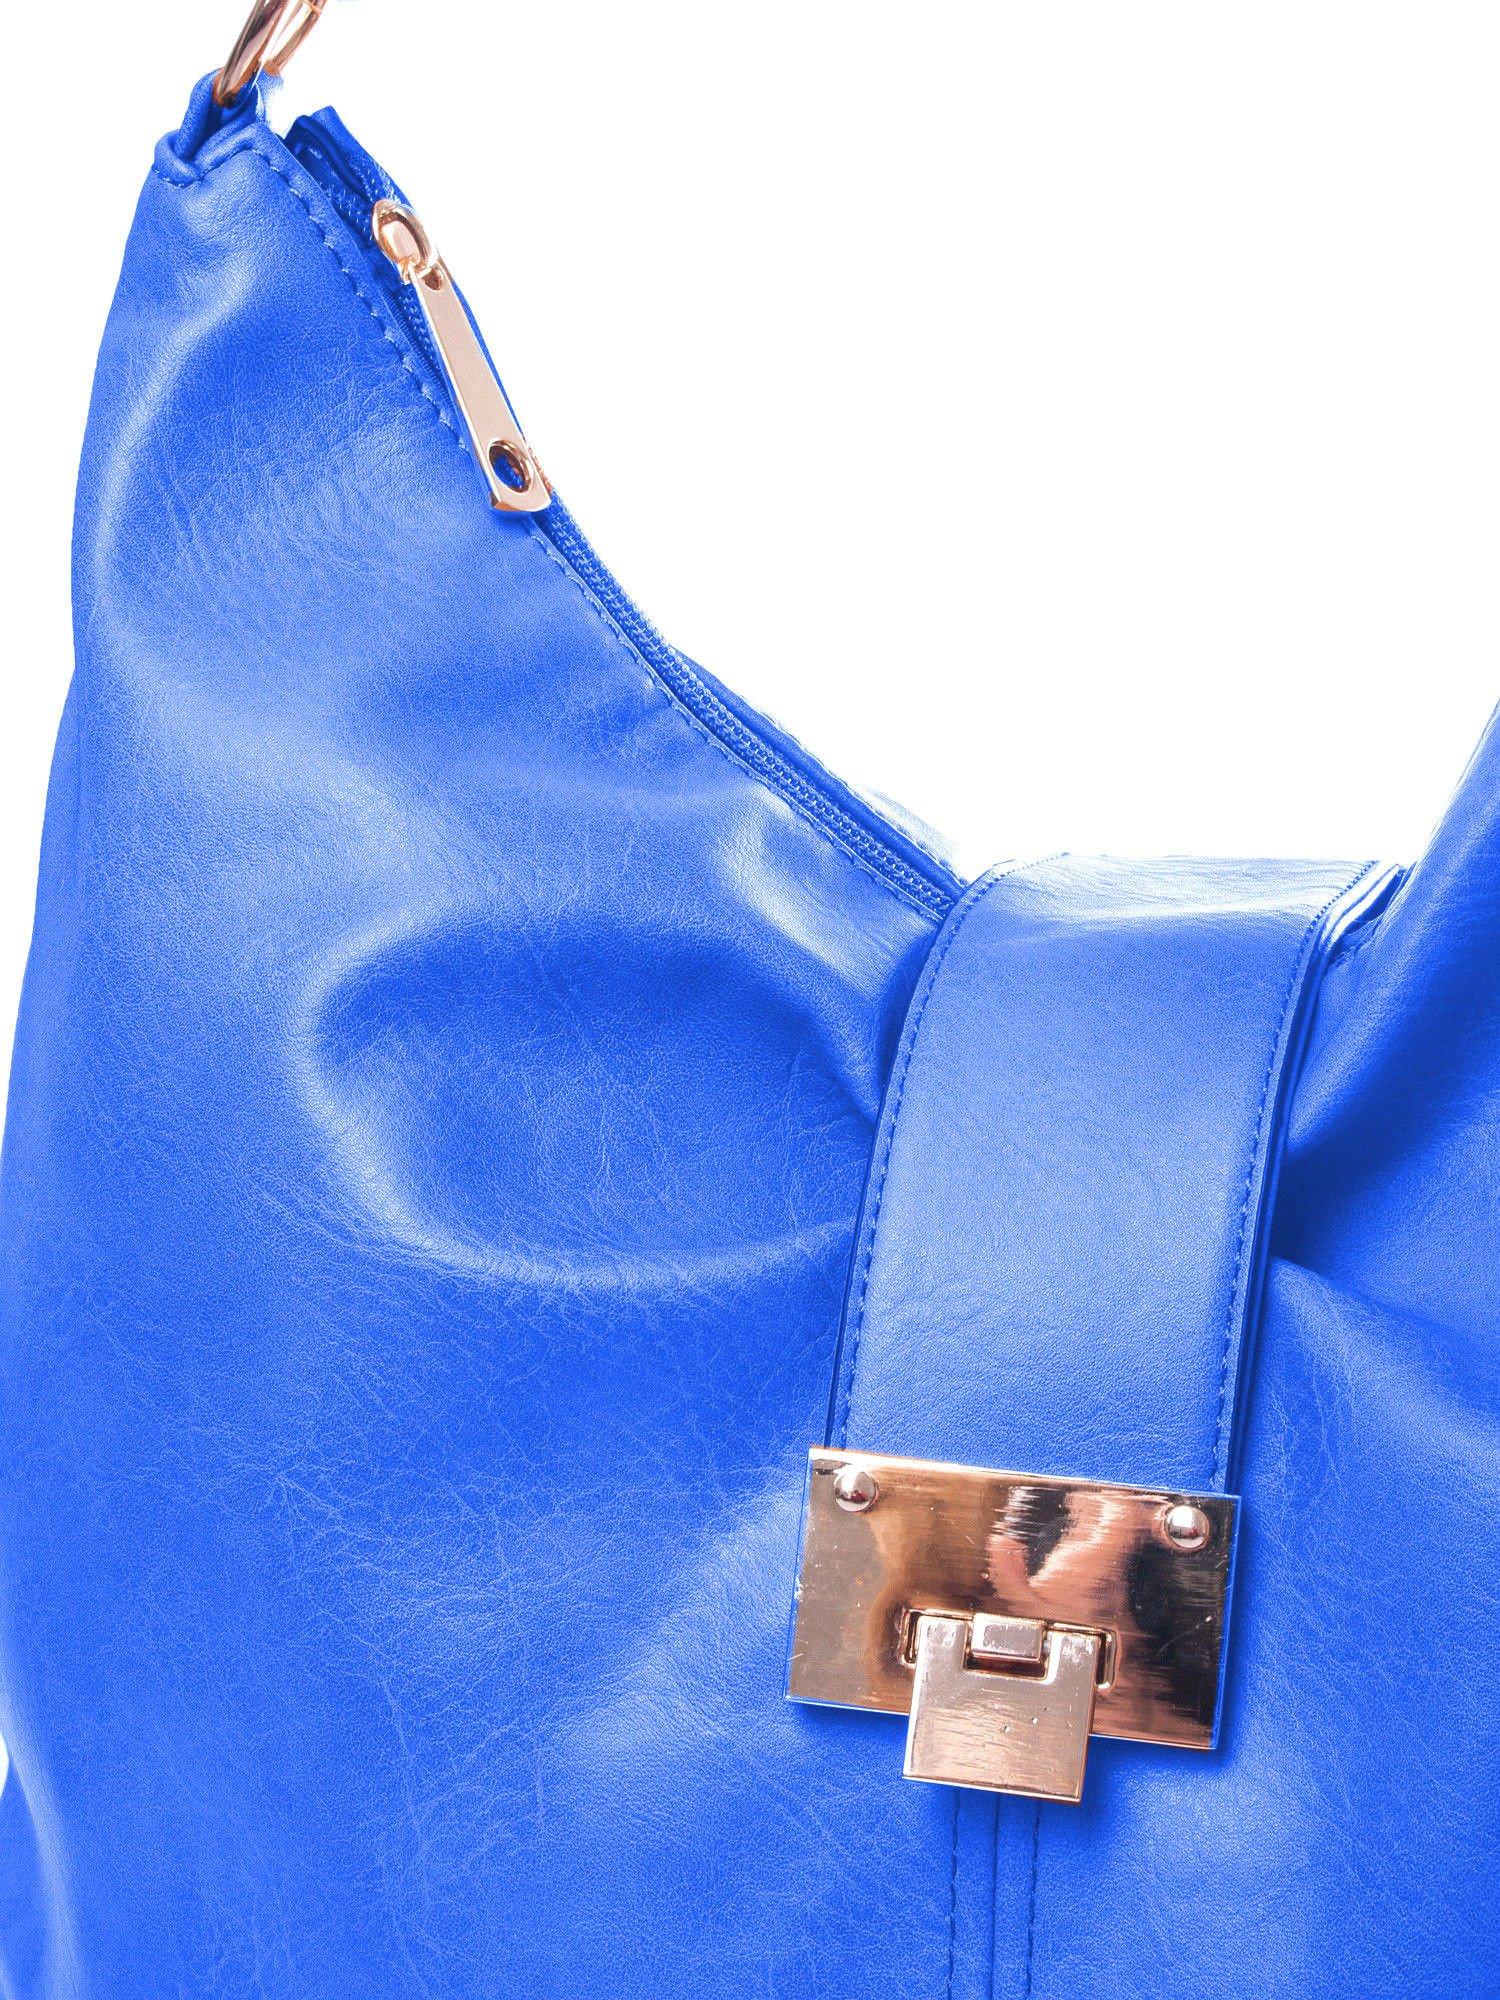 Niebieska torebka hobo z zapięciem                                  zdj.                                  3